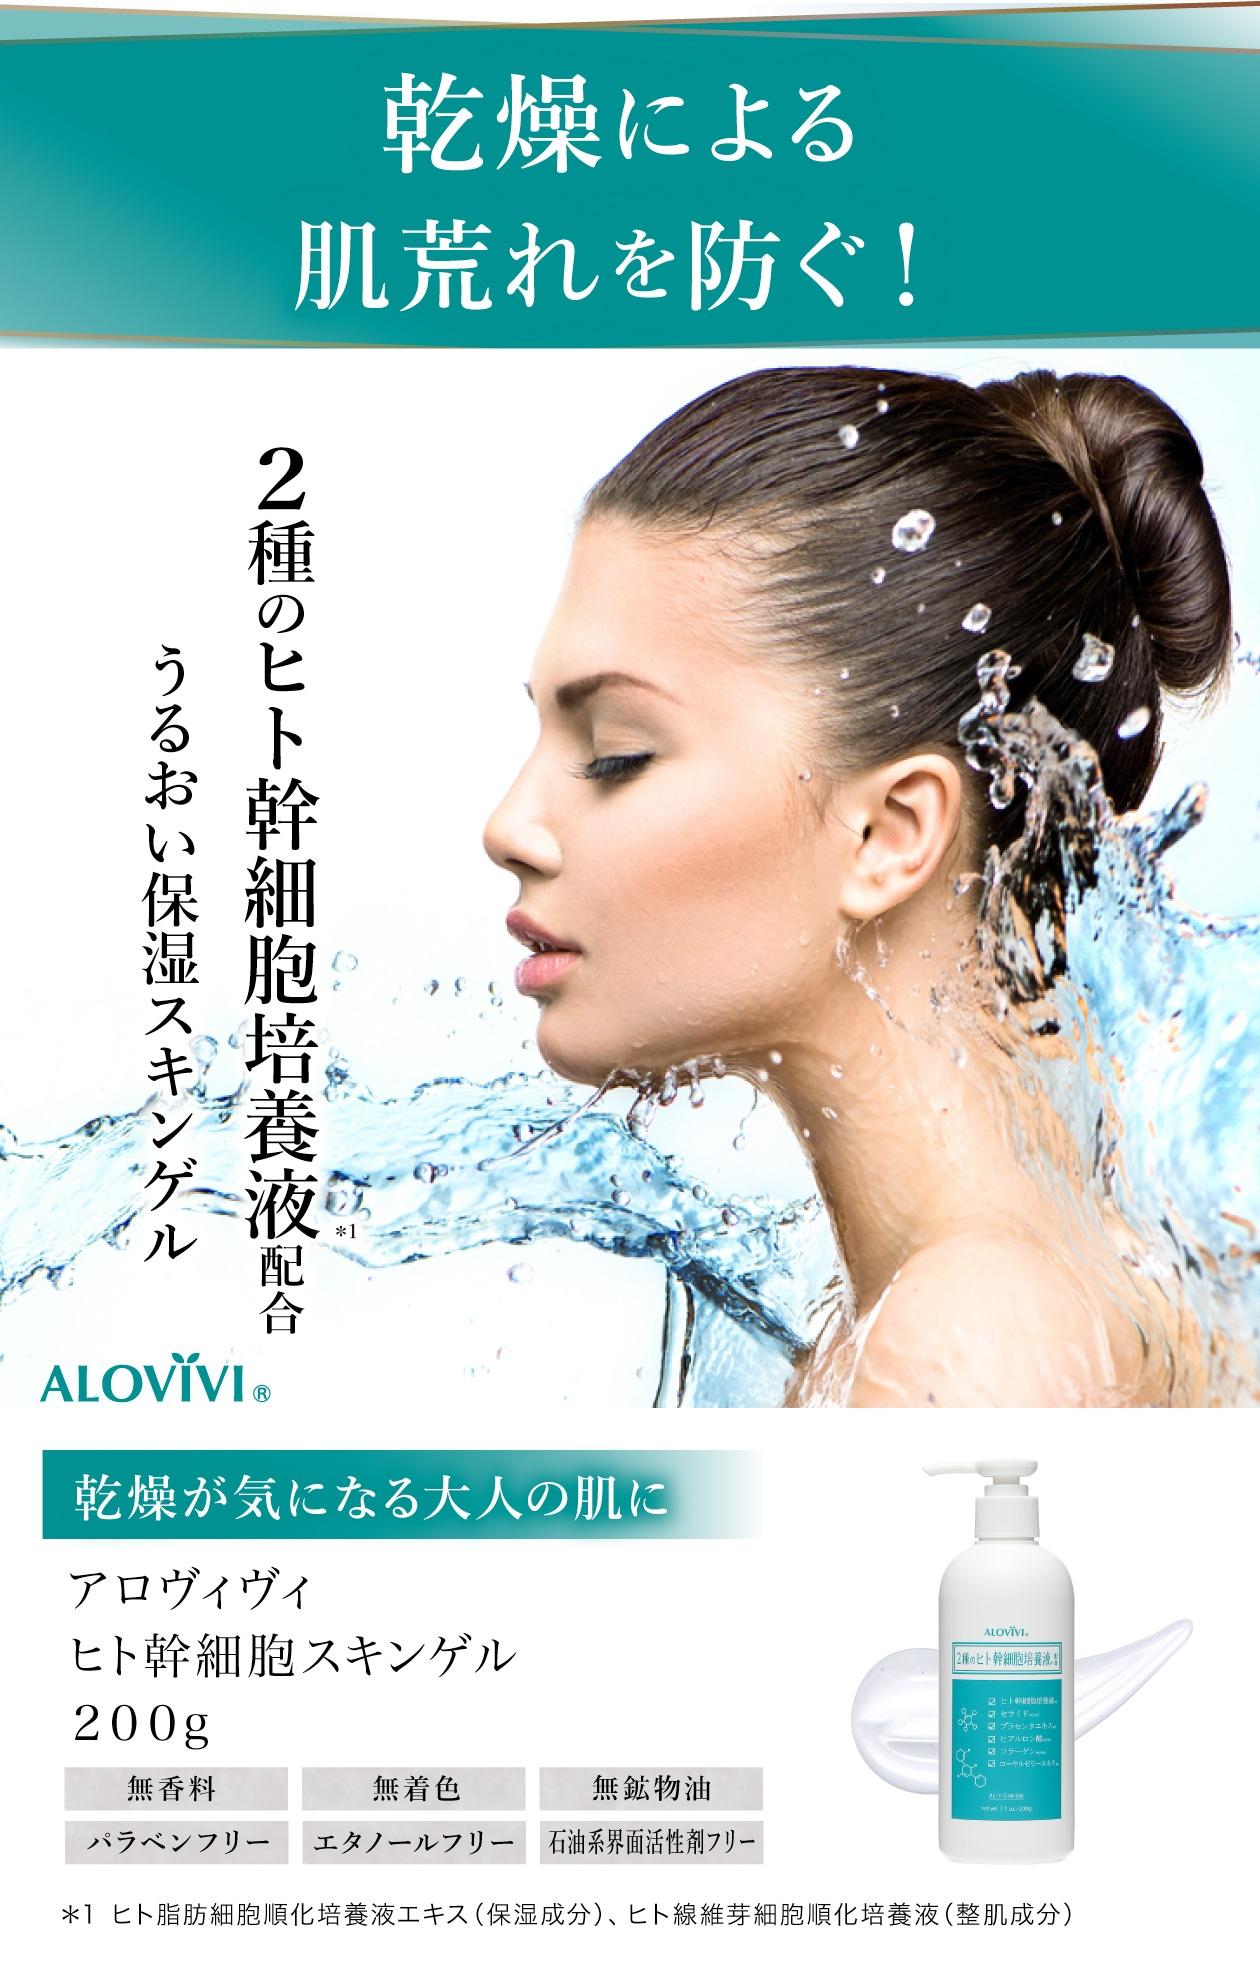 乾燥による肌荒れを防ぐ